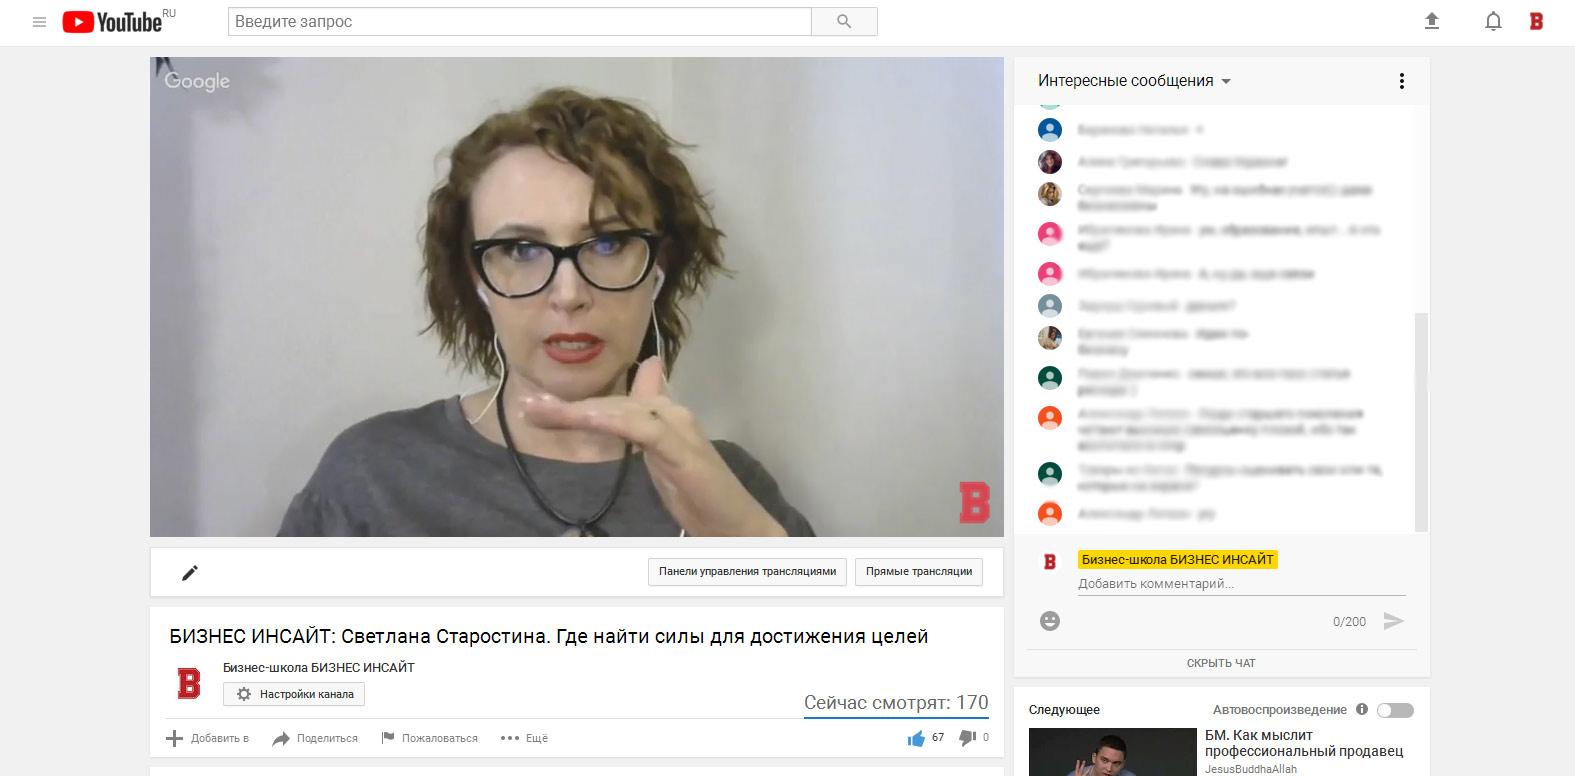 Светлана Старостина провела открытый (бесплатный) вебинар на площадке БИЗНЕС ИНСАЙТ